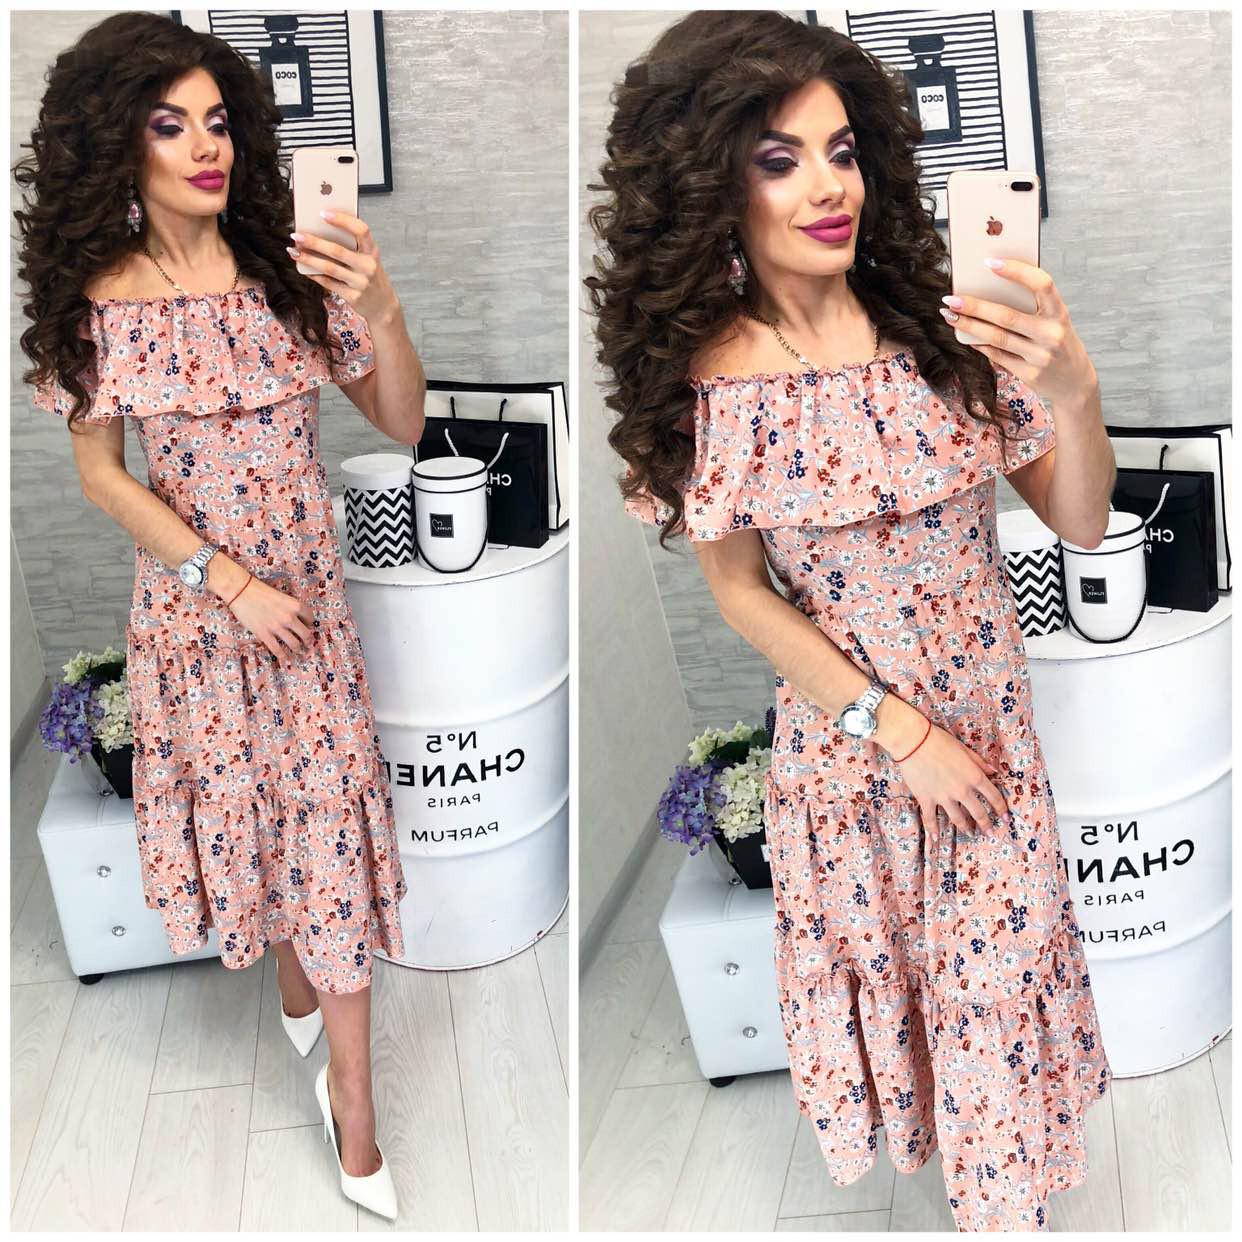 Плаття літнє з воланами, новинка 2018, модель 101, колір - бежевий, принт-квітка